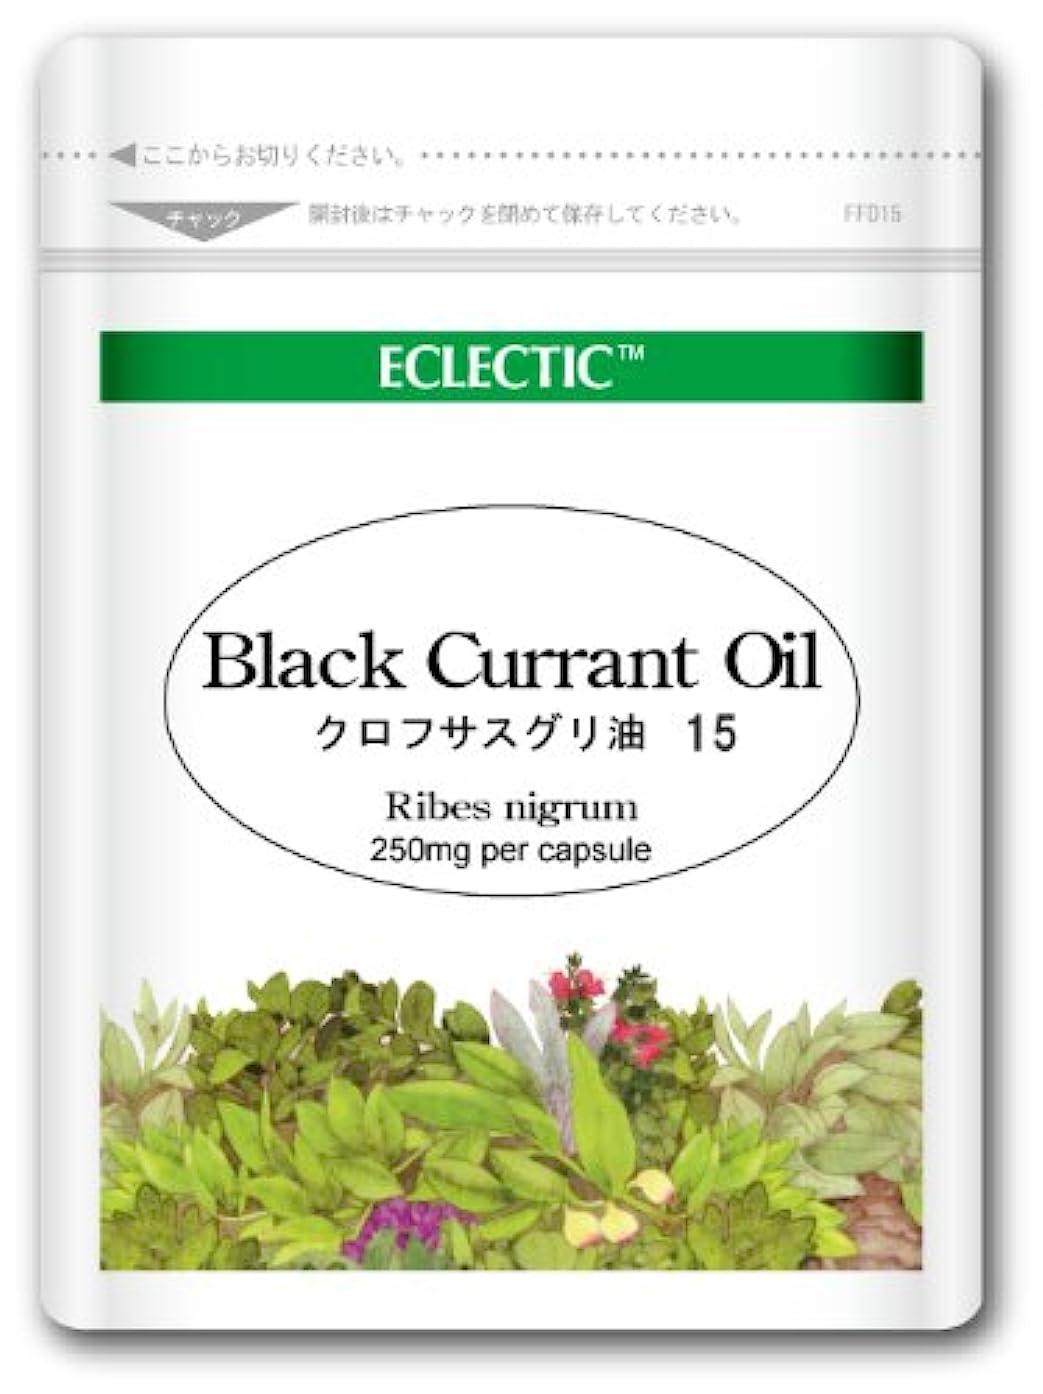 イデオロギーパンチ寝室【クロフサスグリ油 (Black Currant Oil) オイル 250mg 15カプセル Ecoパック / エクレクティック】